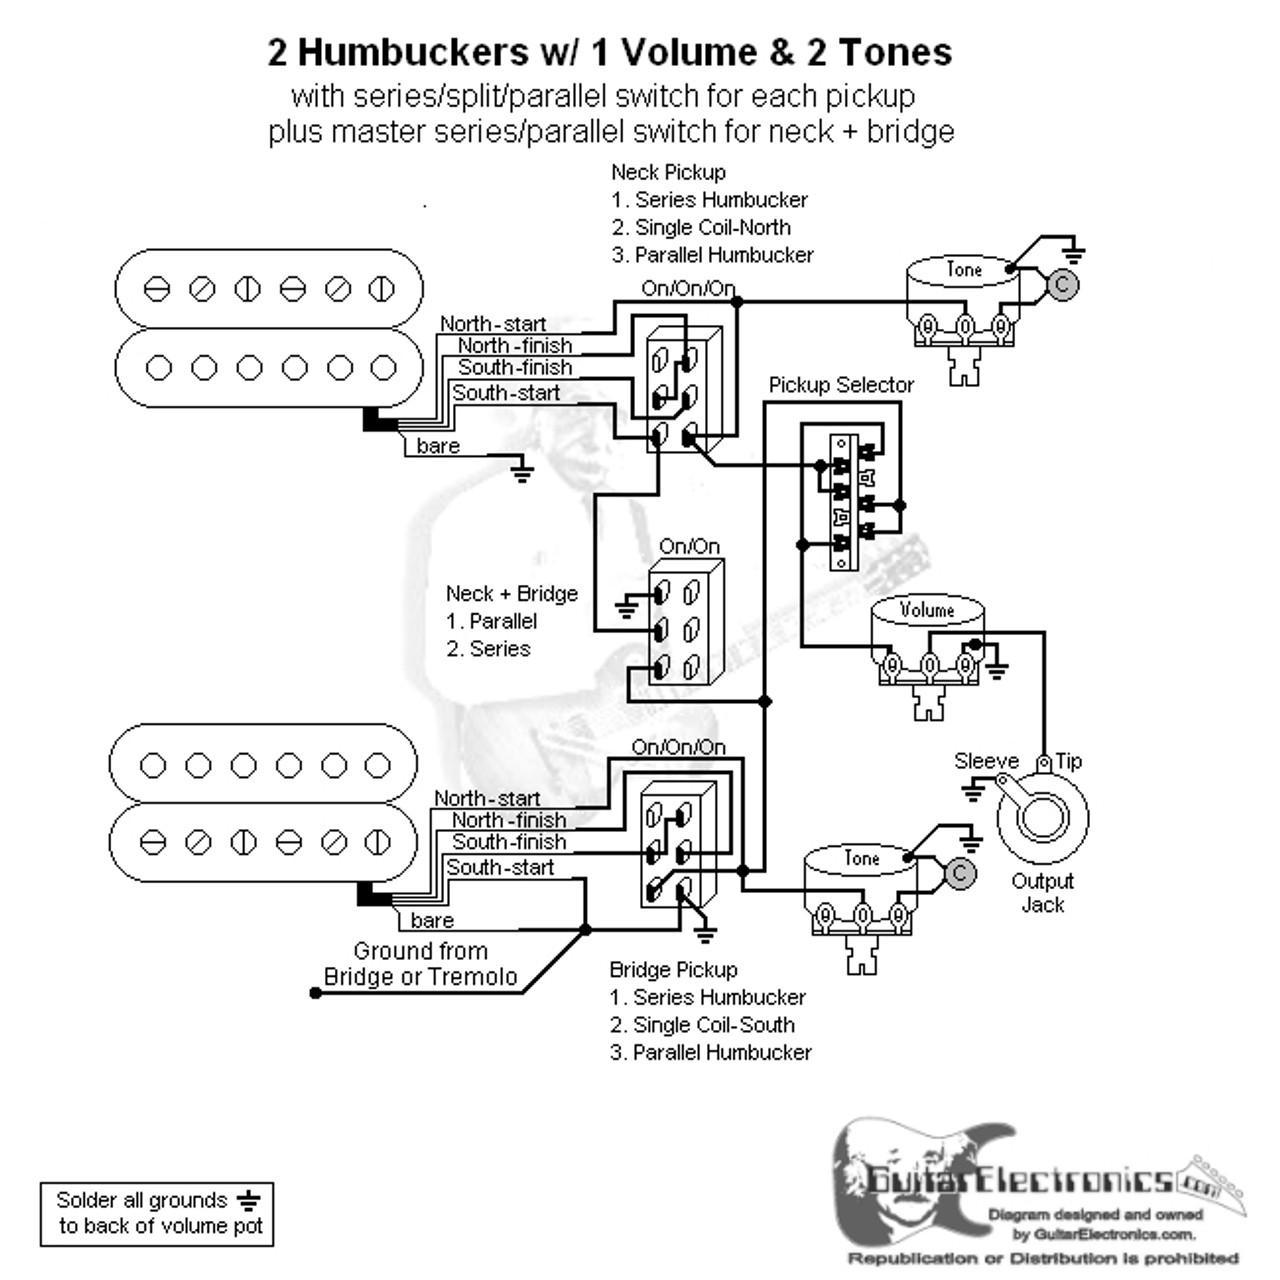 2 Hbs  3 1 Vol  2 Tones  Series